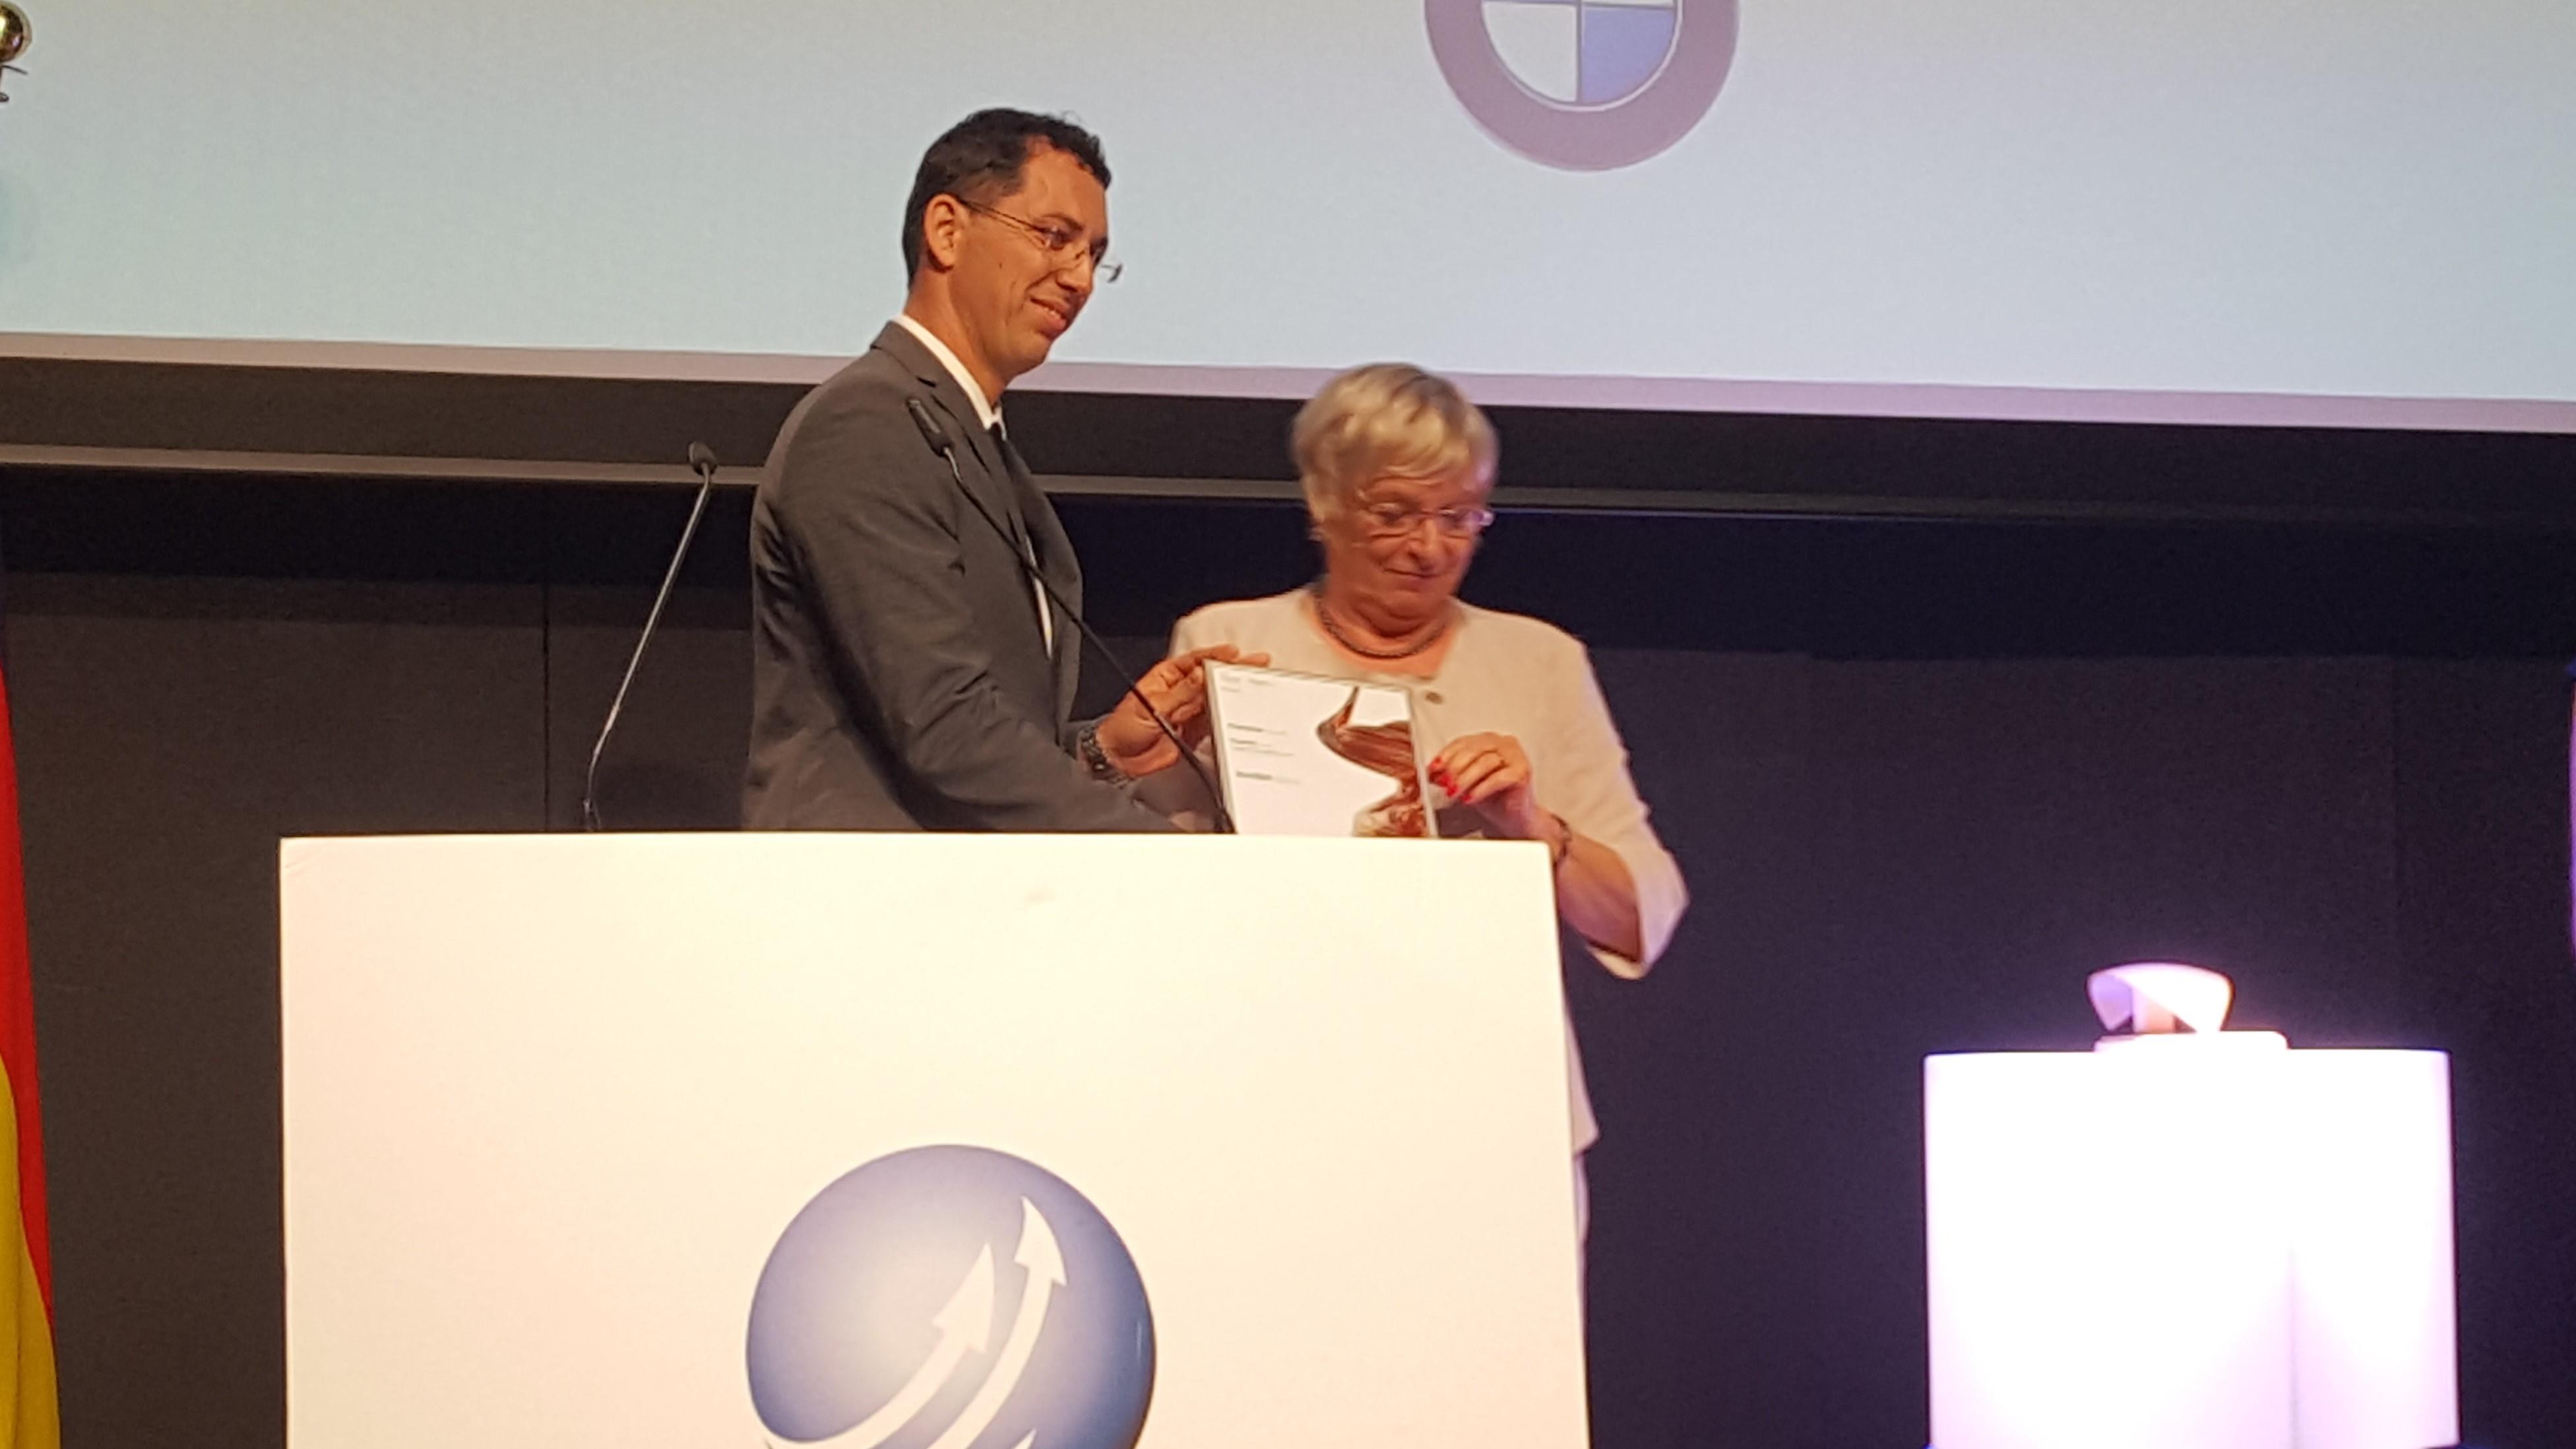 Okoljski zmagovalec Financ med finalisti na razpisu nemških nagrad